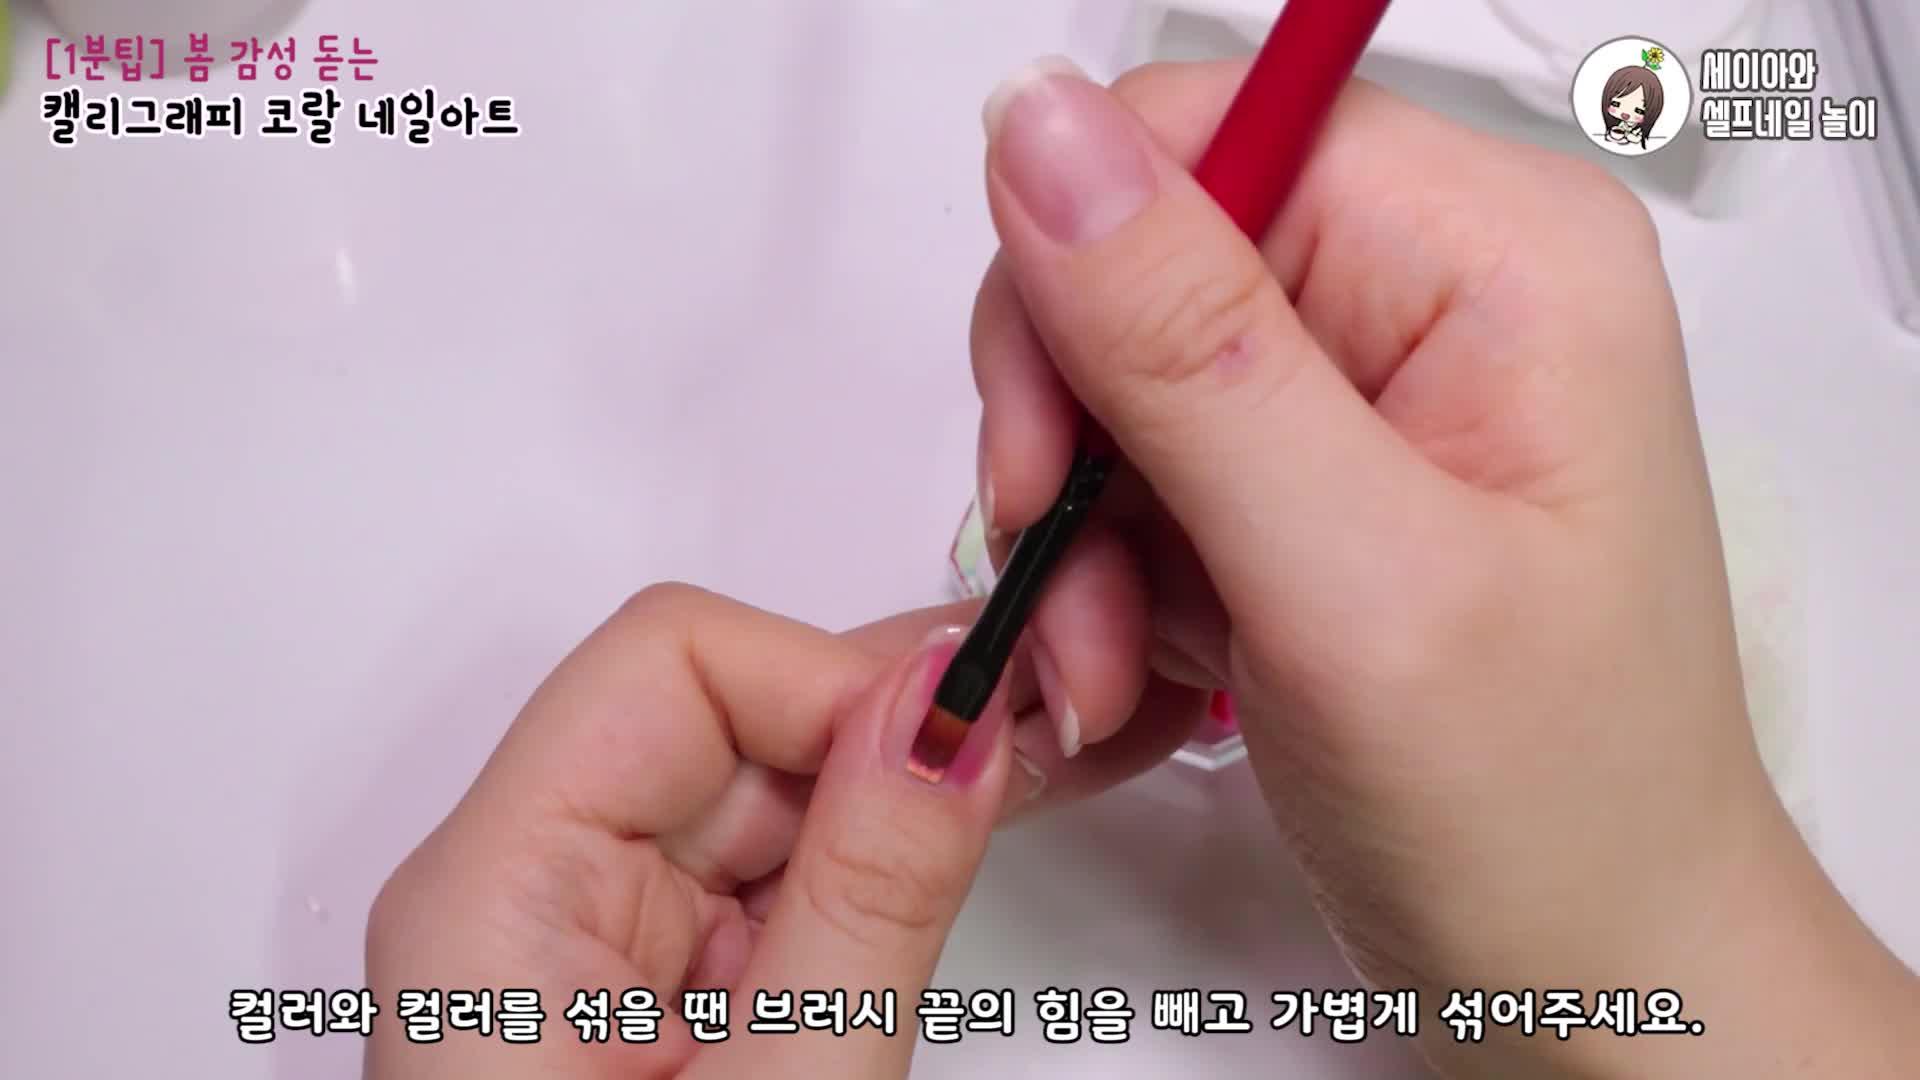 [1분팁] 캘라그라피 셀프 코랄 네일 하는 법 / Coral Marble Nail Art